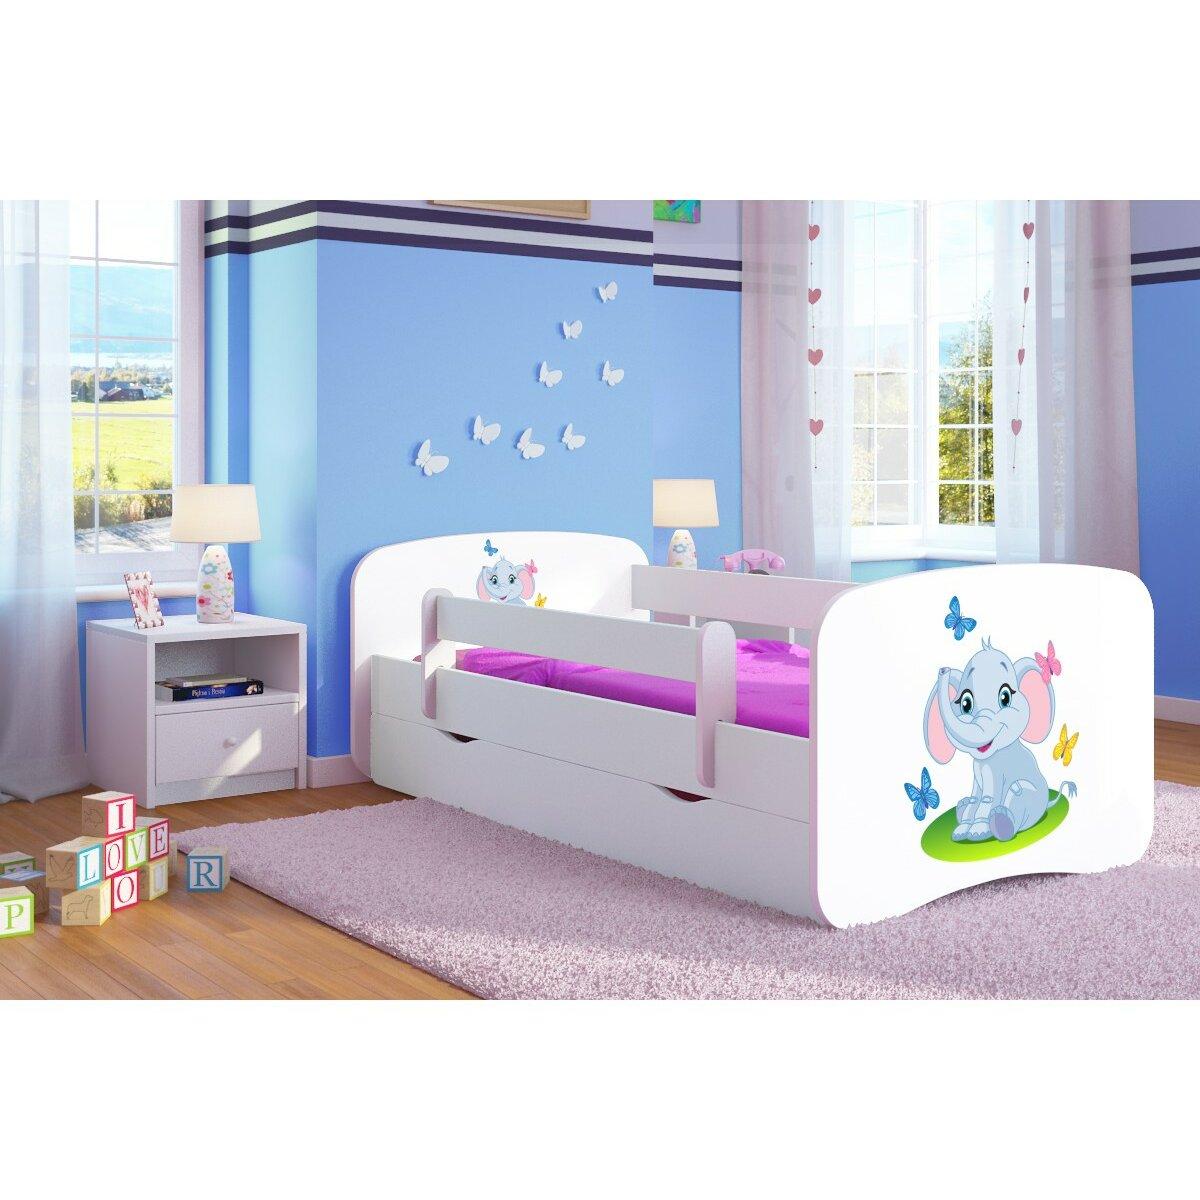 kocot kids kinderbett elephant mit matratze und schublade. Black Bedroom Furniture Sets. Home Design Ideas